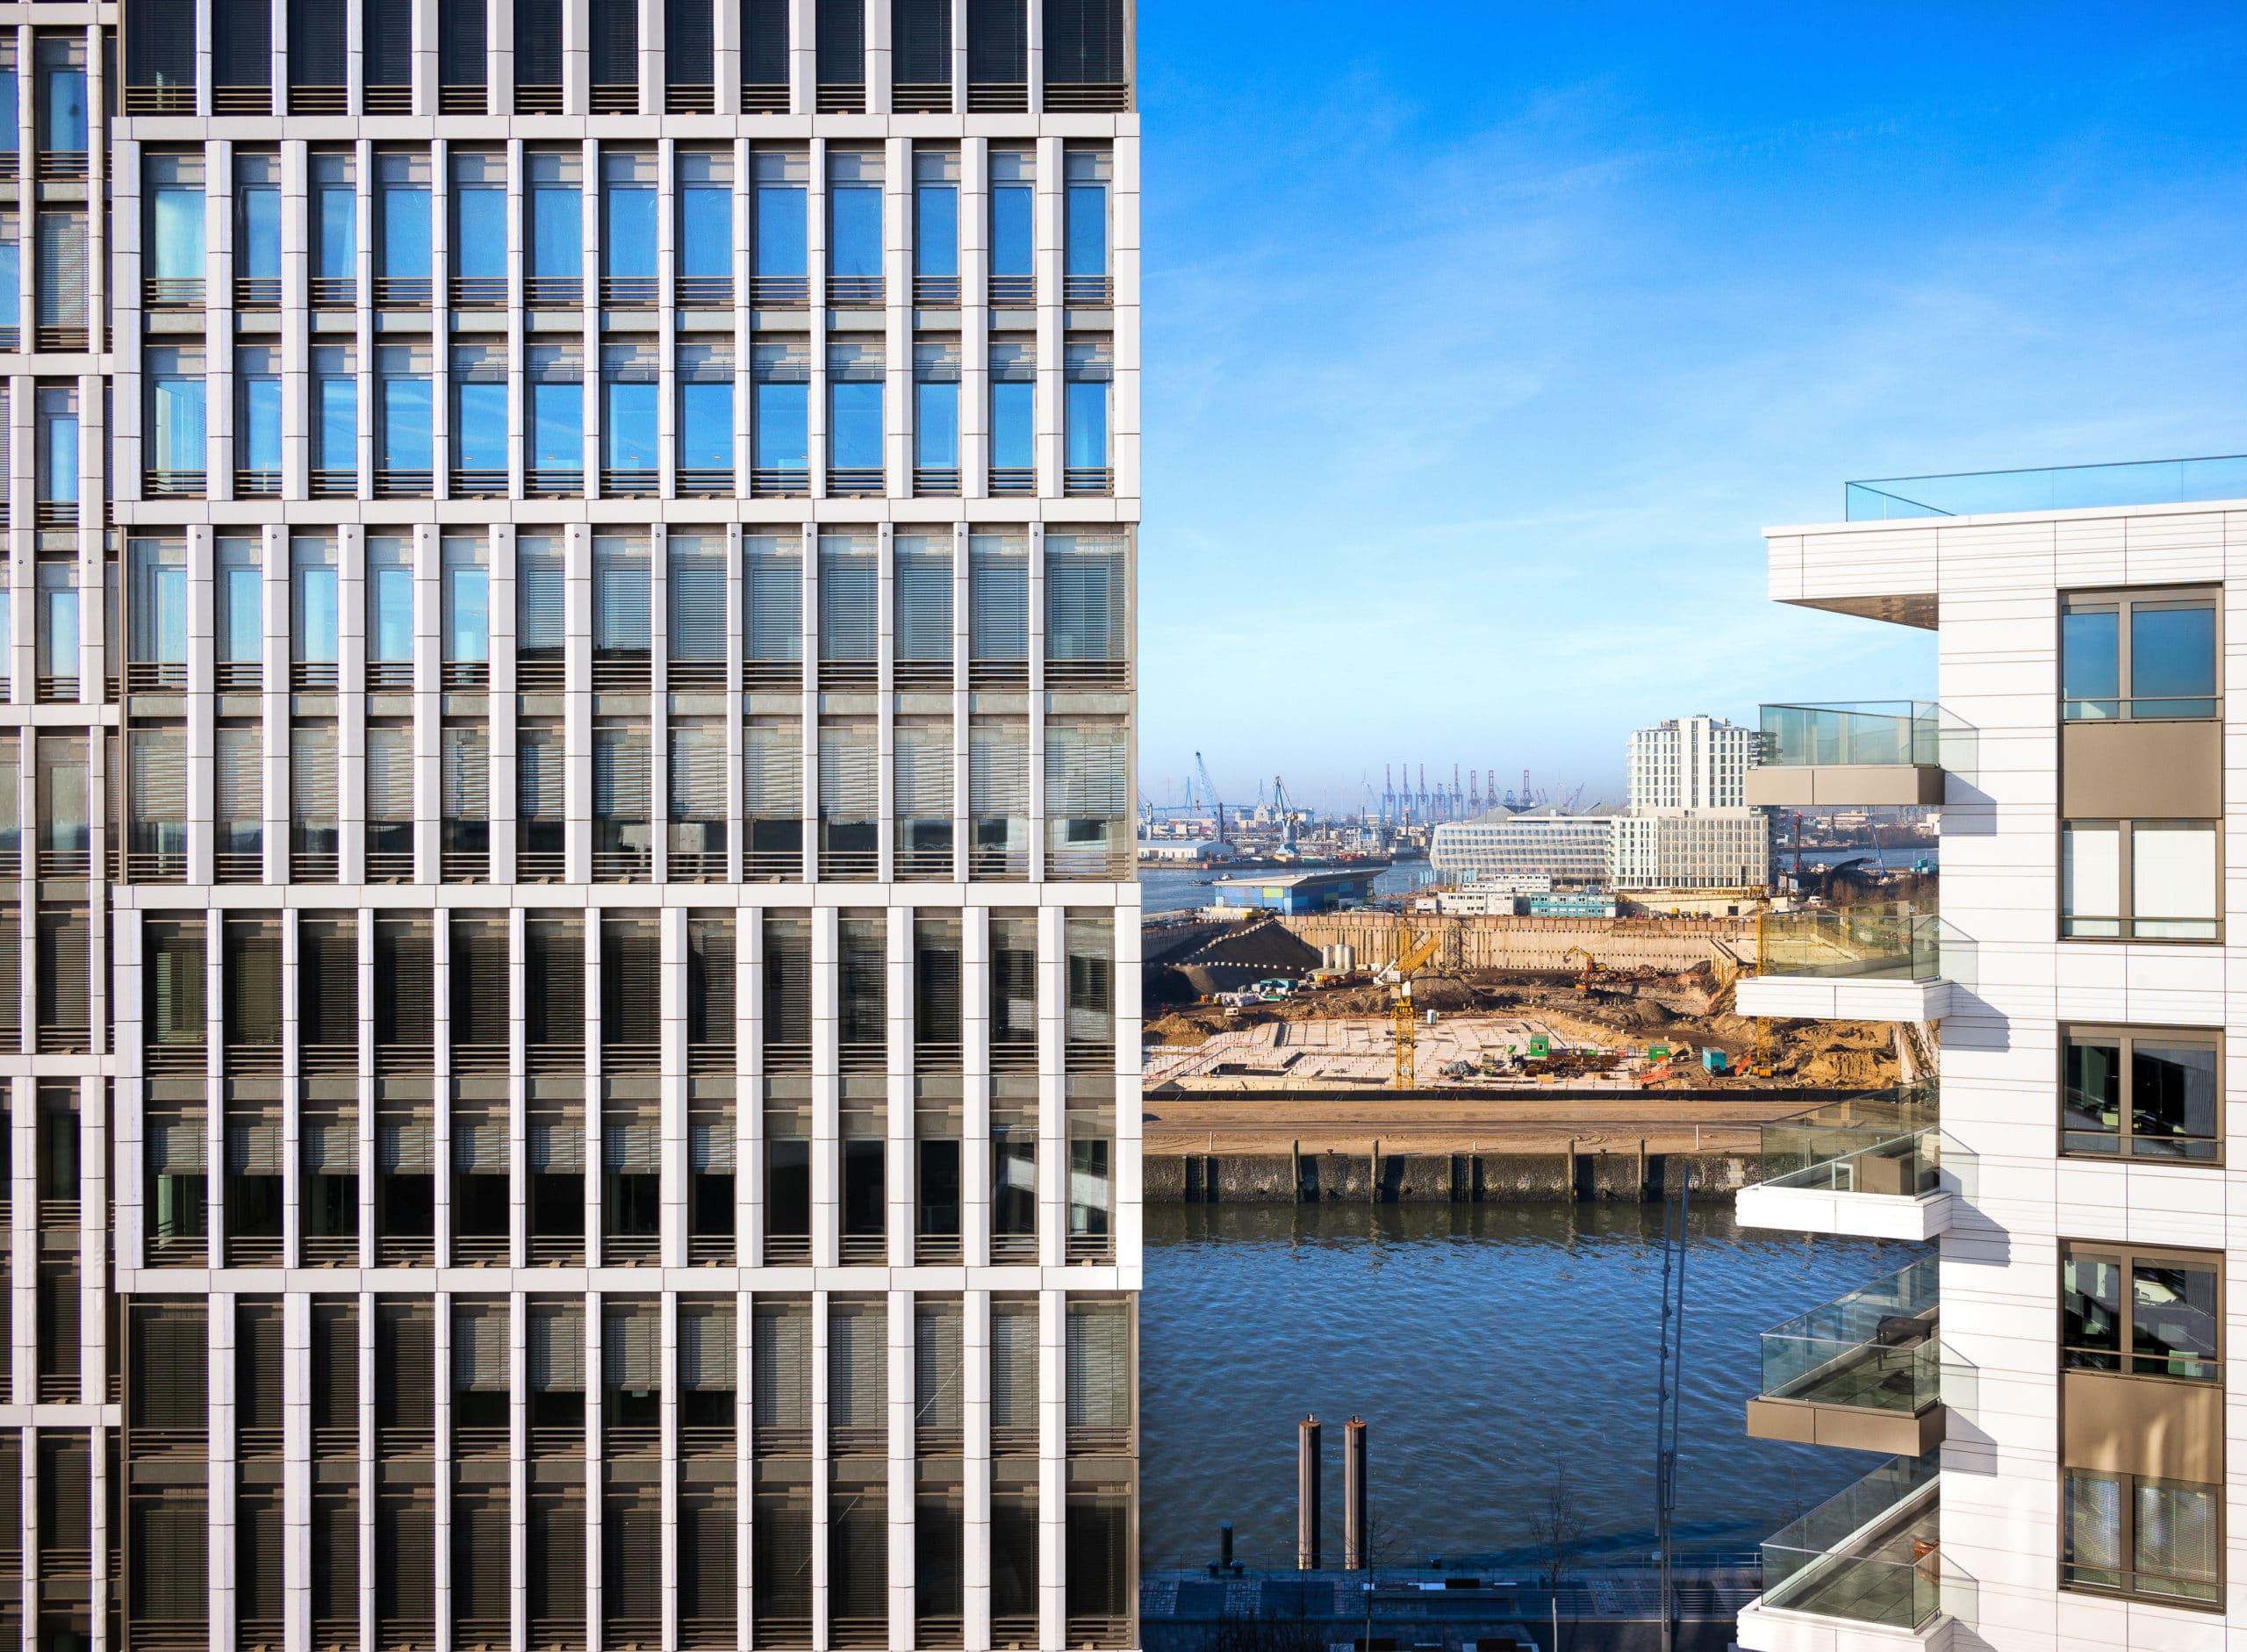 Architektur Fotografie zweier moderner Hochhäuser mit Großbaustelle im Hintergrund |Fotograf in der Region Osnabrück Münster Bielefeld für Architekturfotografie